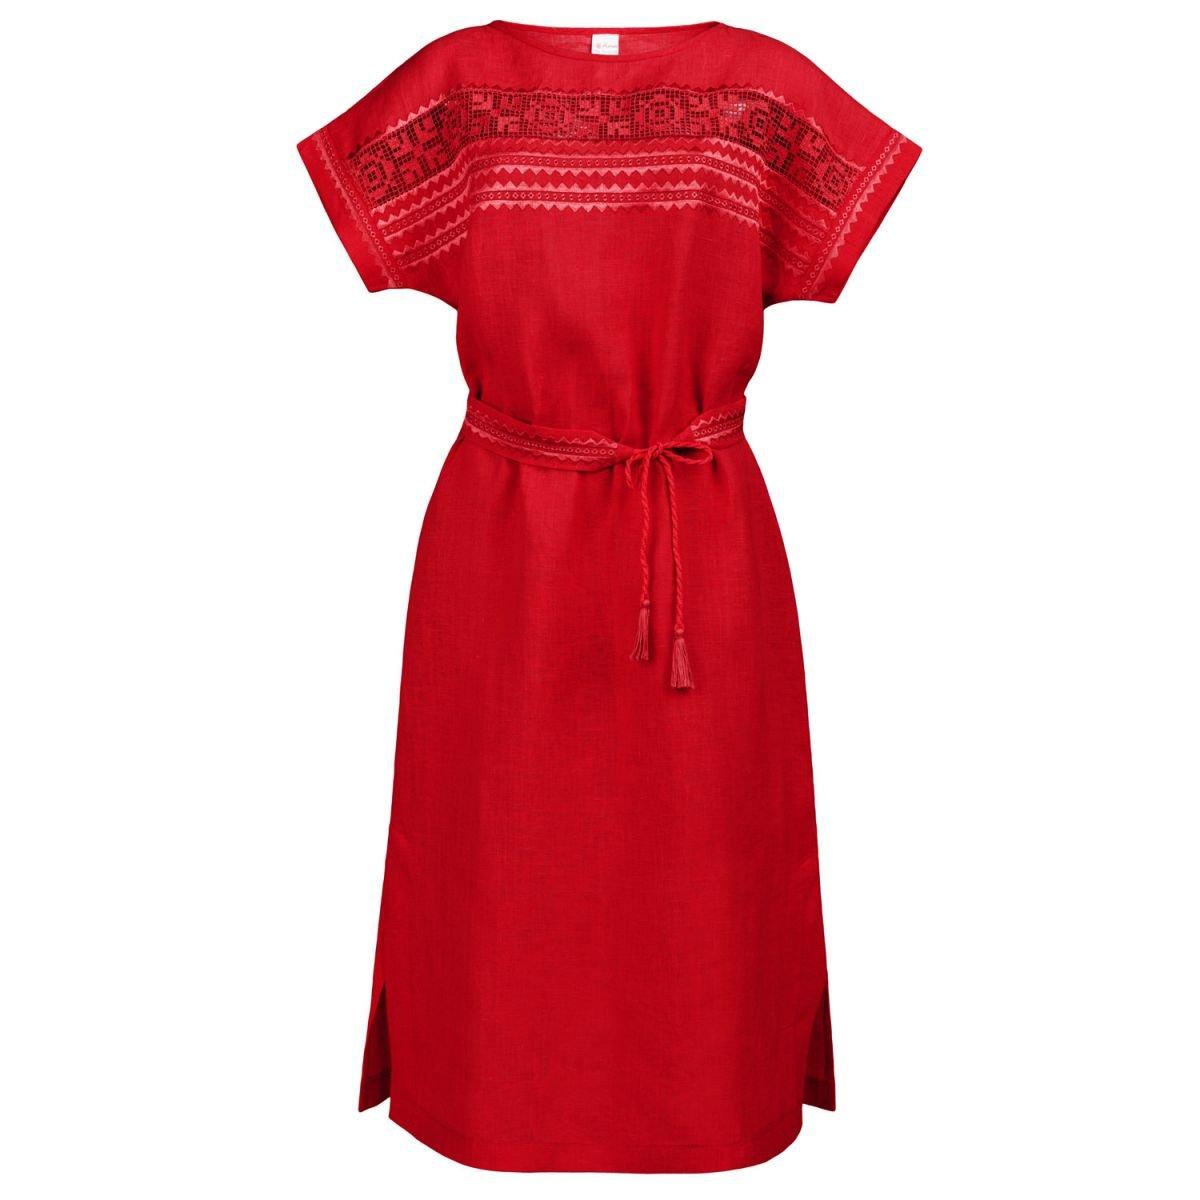 Плаття вишиванка Колос - Мережка (чер) 54-56 ae627cec9c14f